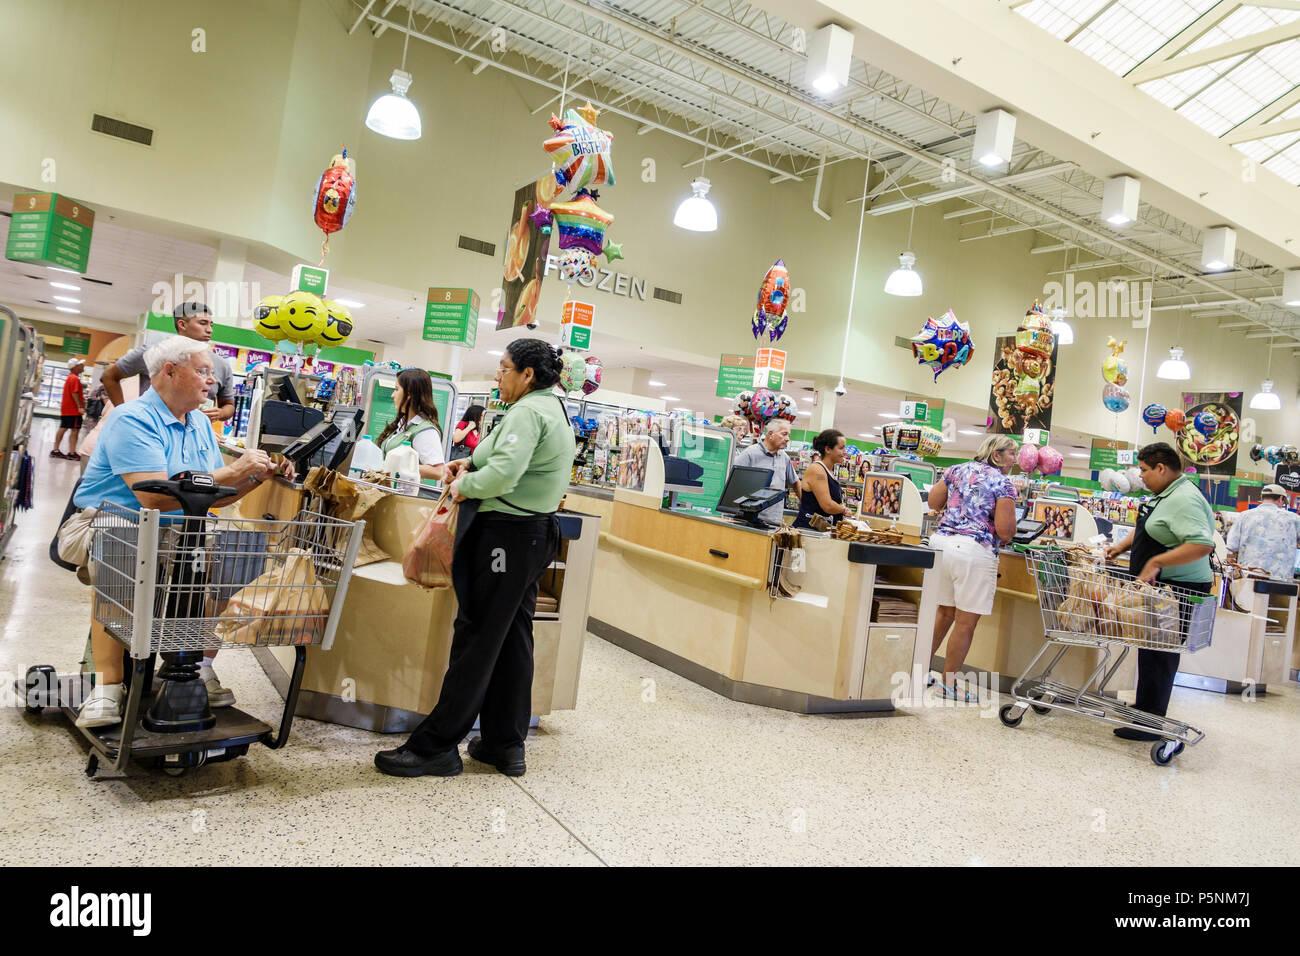 Napoli Florida Publix fruttivendolo supermercato electric carrello per disabilità motorie cassiere bagger carrello ispanico uomo donna senior custom Immagini Stock